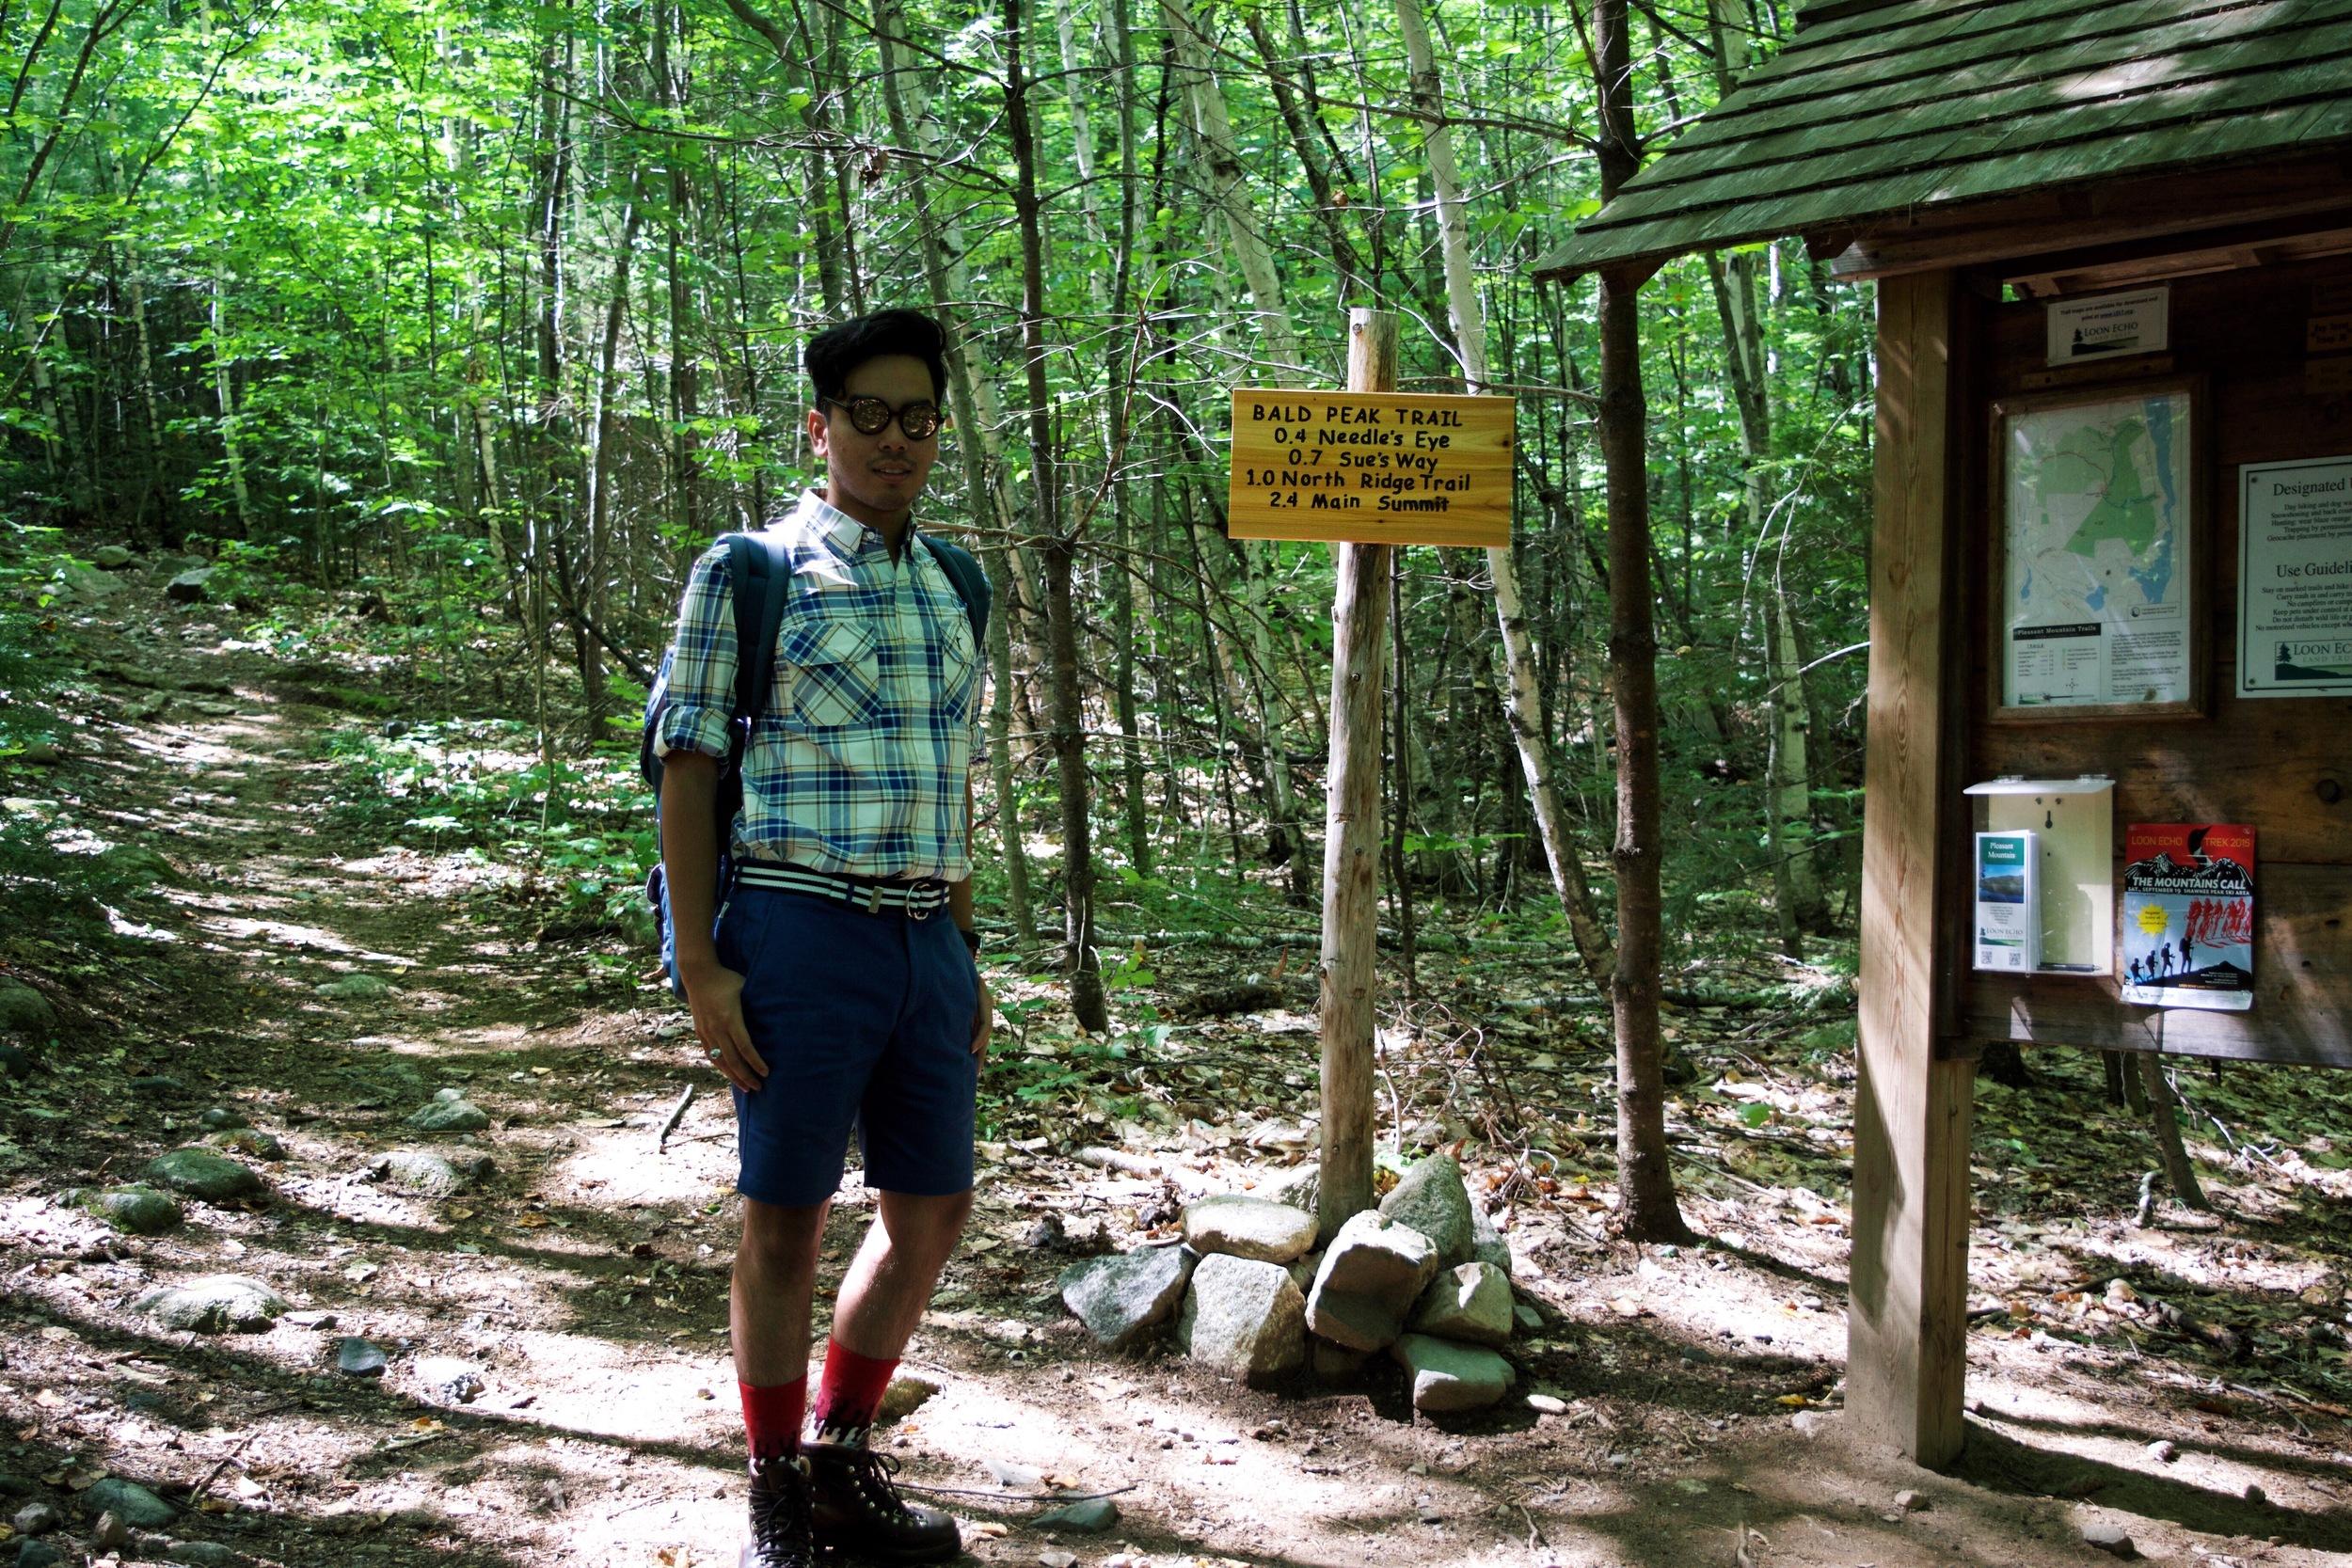 Bald Peak Trail (2.4 miles)